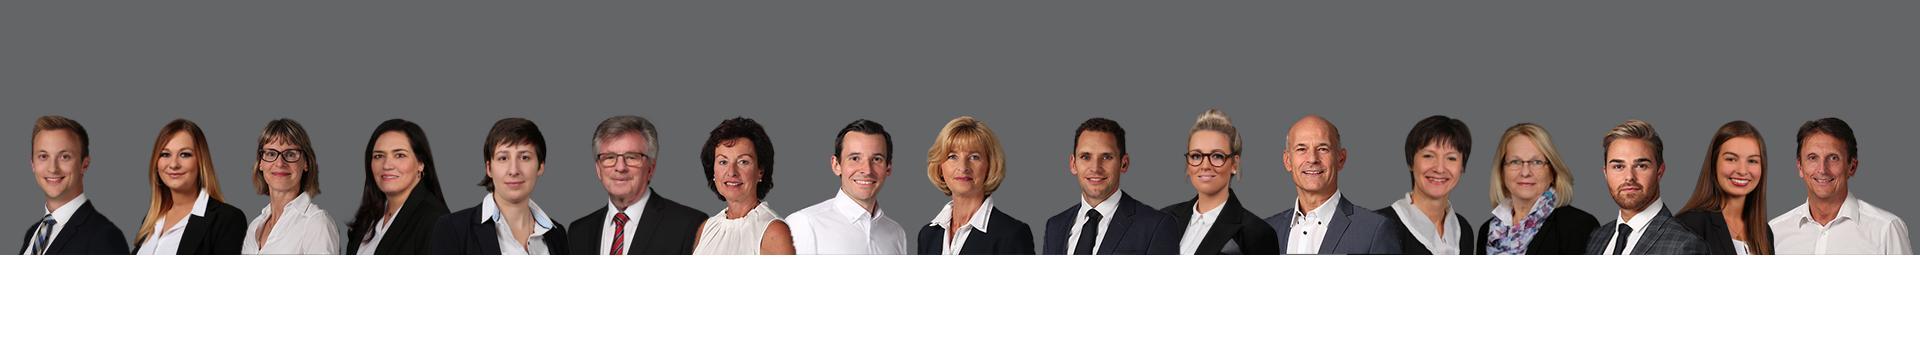 Team ZEIT & WERT Immobilien Maklersocietät GmbH November 2019